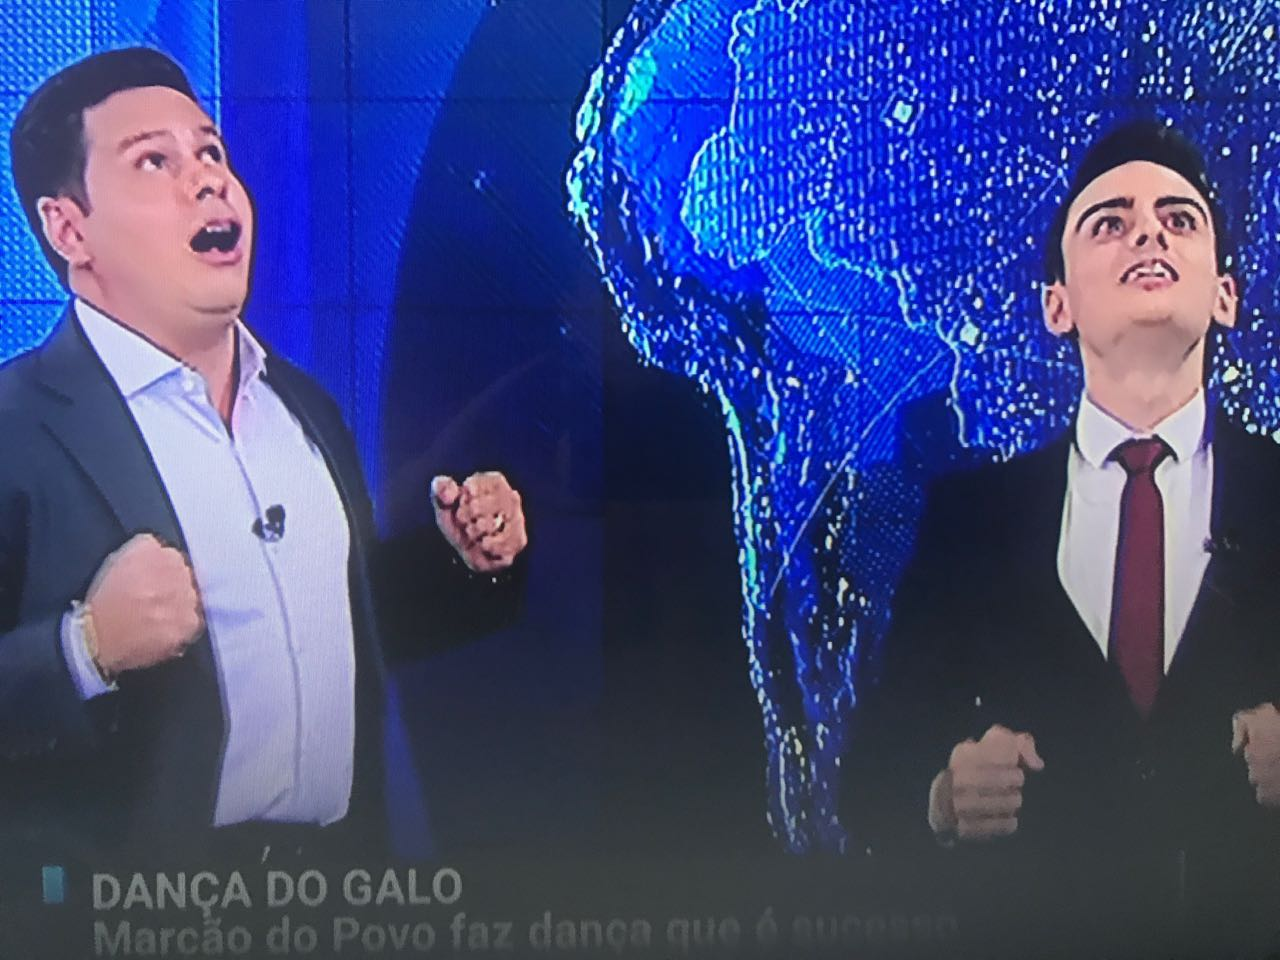 Marcão do Povo e Dudu Camargo (Foto: Reprodução)